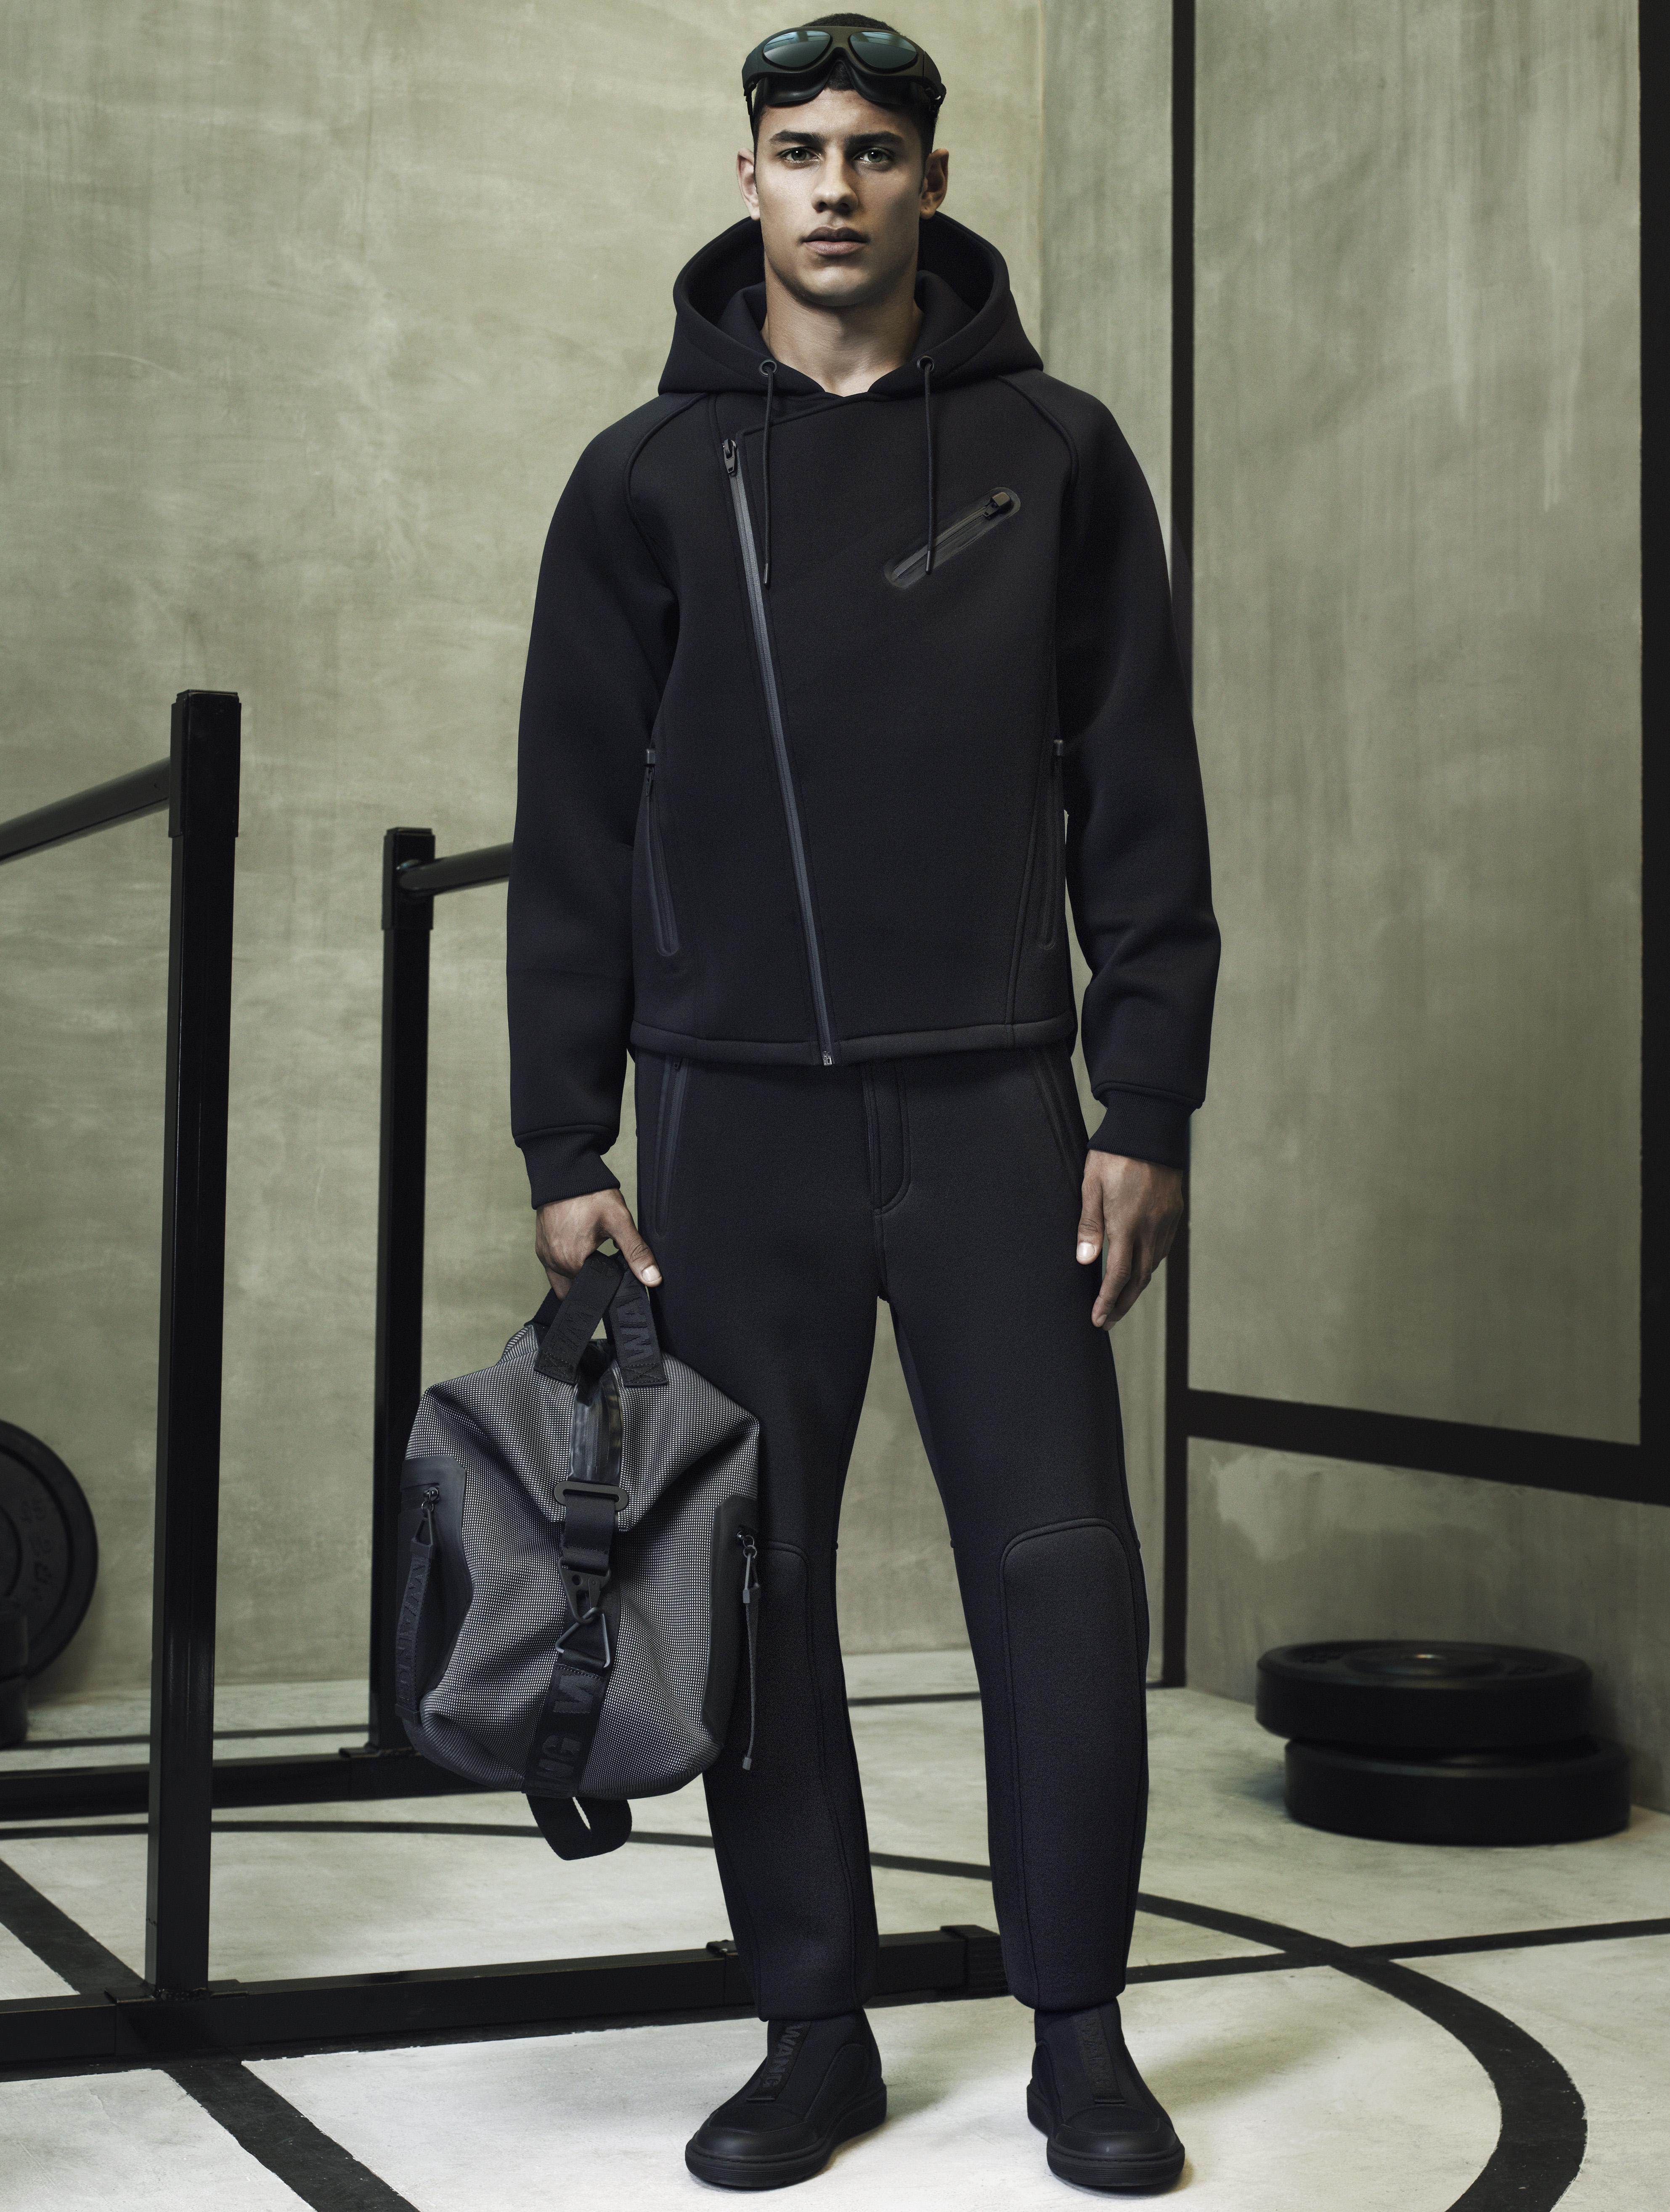 e2b05e1e6 Welcome Alexander Wang to H&M – LatinTRENDS.com